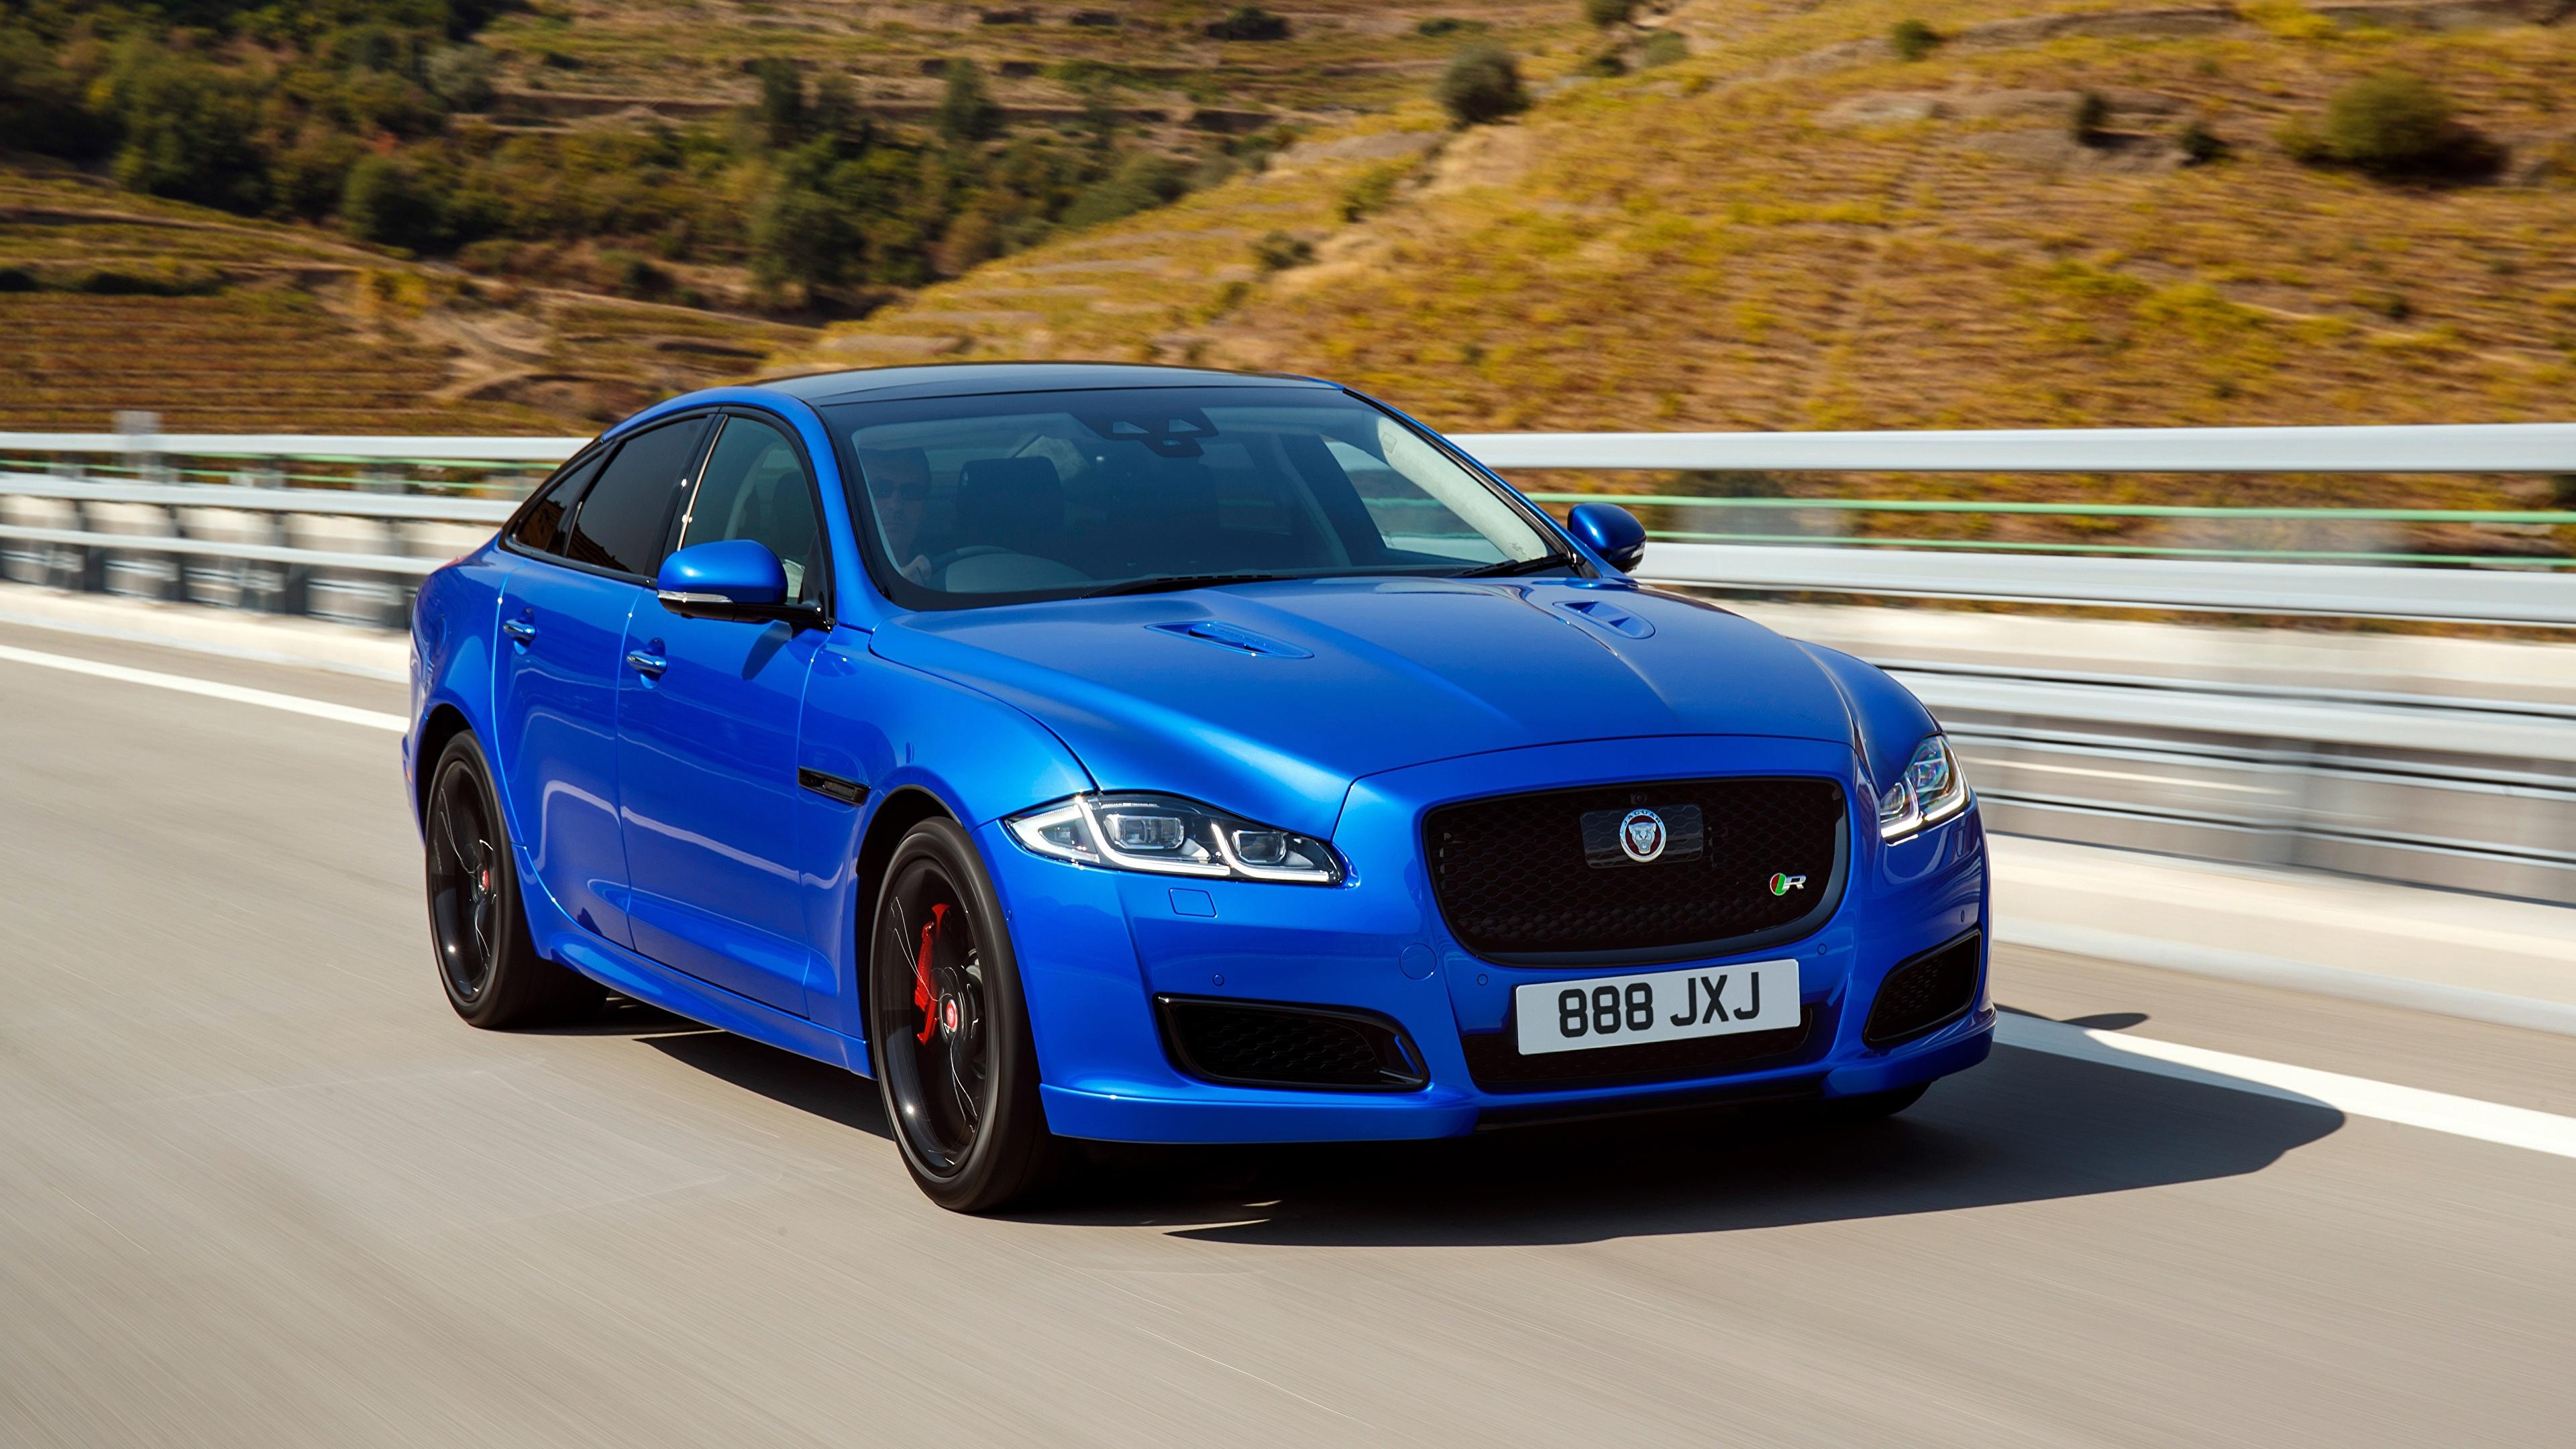 Фотография Ягуар боке Седан синяя скорость машина 3840x2160 Jaguar Размытый фон Синий синие синих едет едущий едущая Движение авто машины Автомобили автомобиль